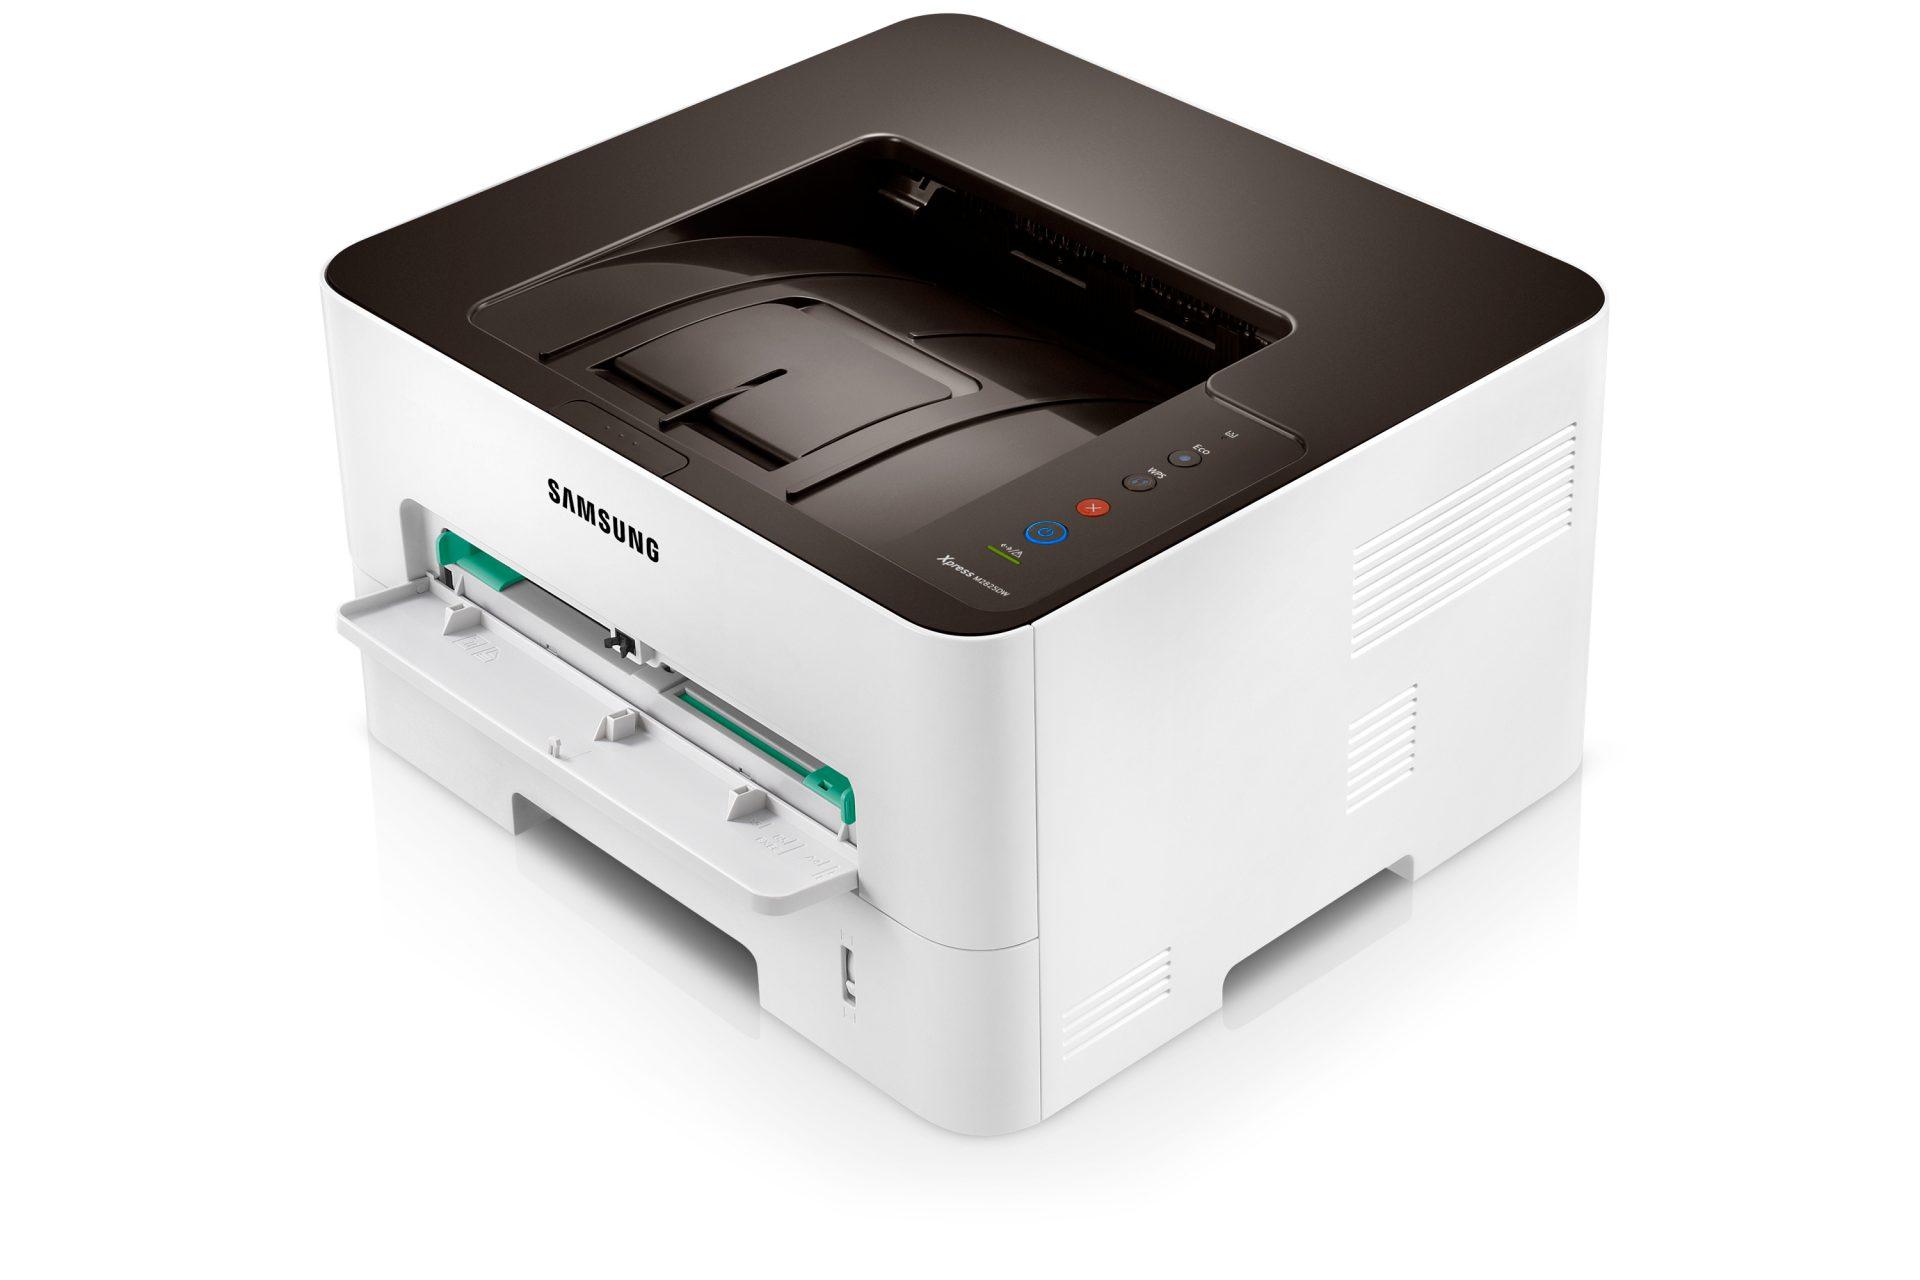 معرفی پرینتر تک کاره لیزری ML-2825ND سیاه و سفید سامسونگ